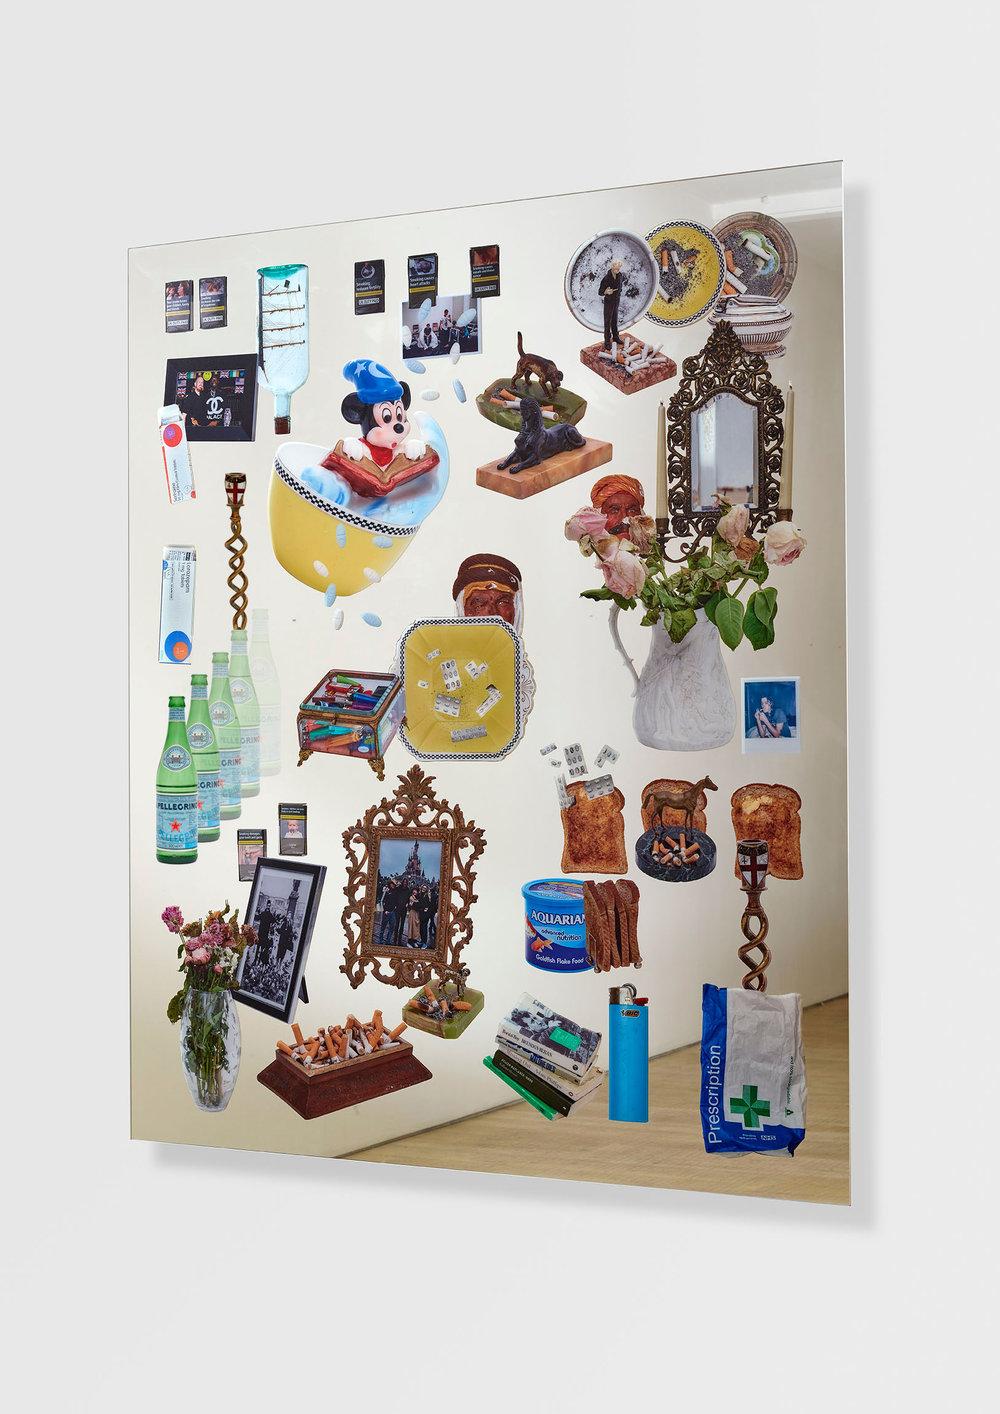 Tom-Hage-Gallery-Opening18026.jpg